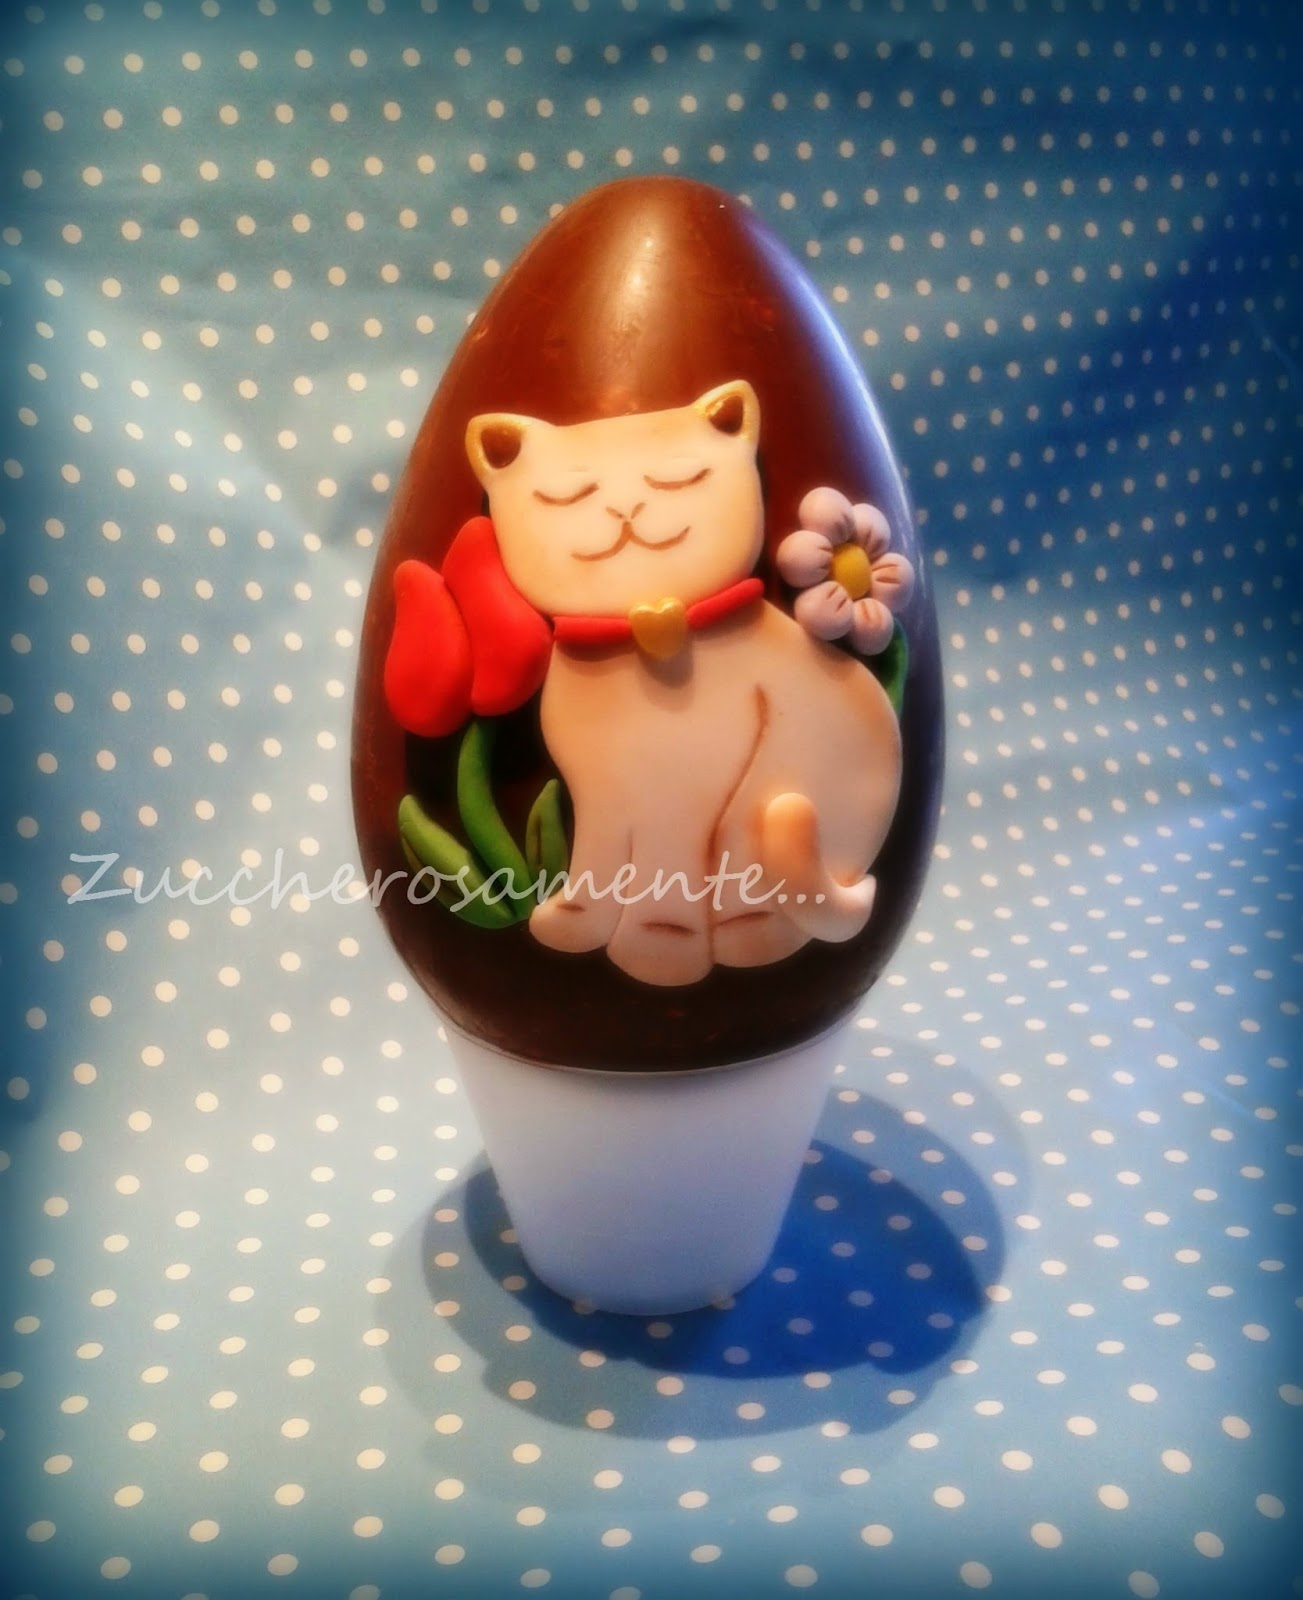 Zuccherosamente uova di pasqua decorate stile thun - Uova di pasqua decorati ...